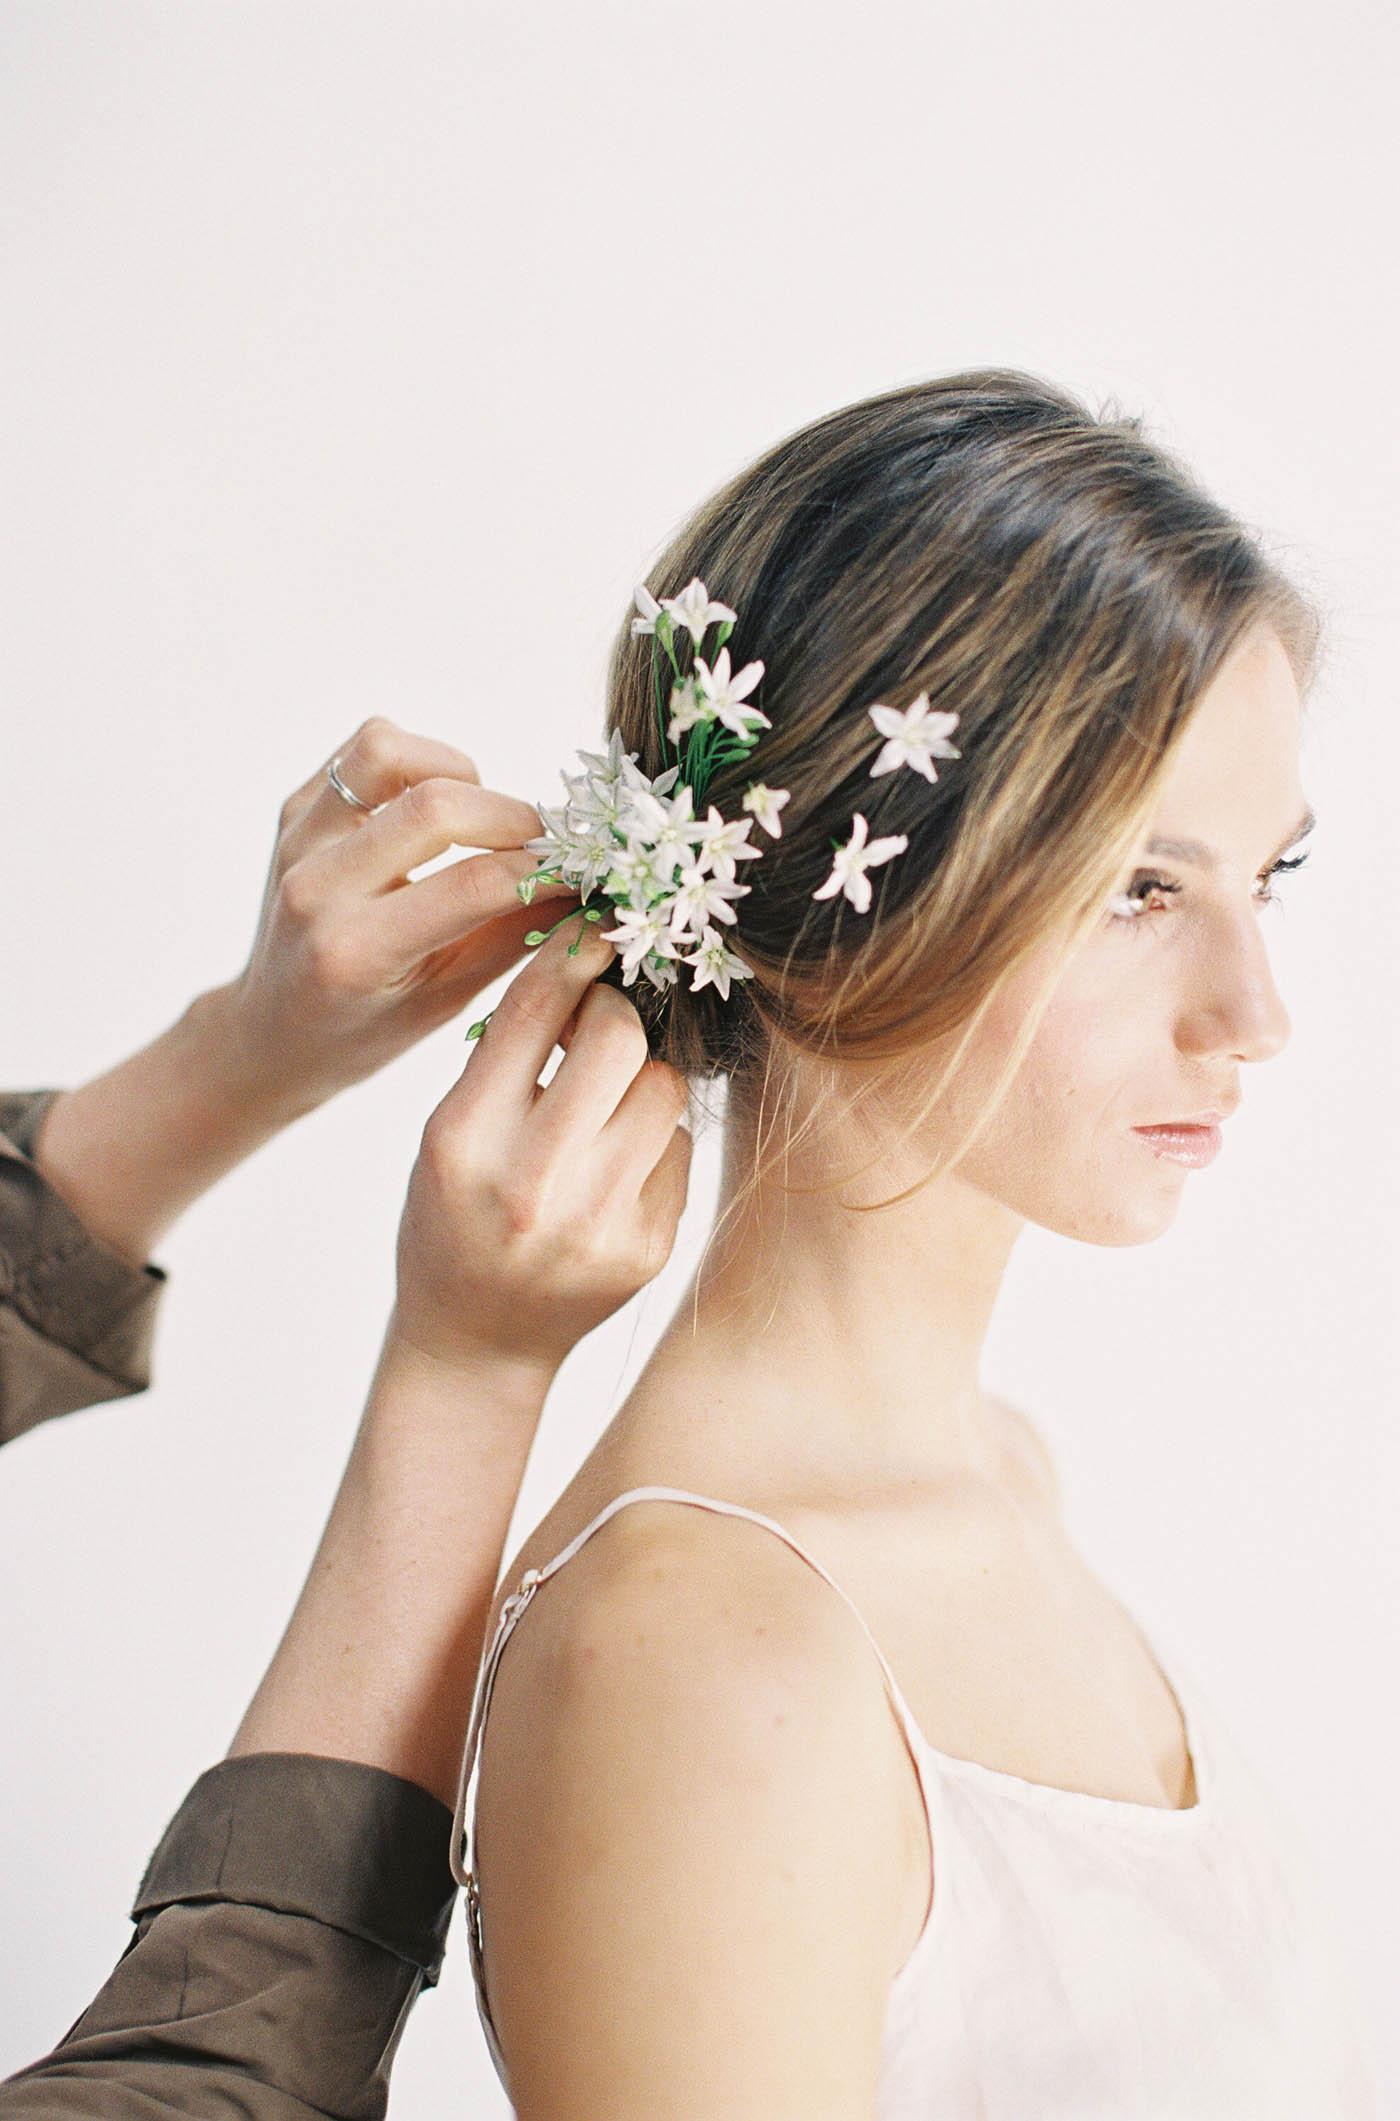 hair-flower-web-14-Jen_Huang-006838-R1-E007